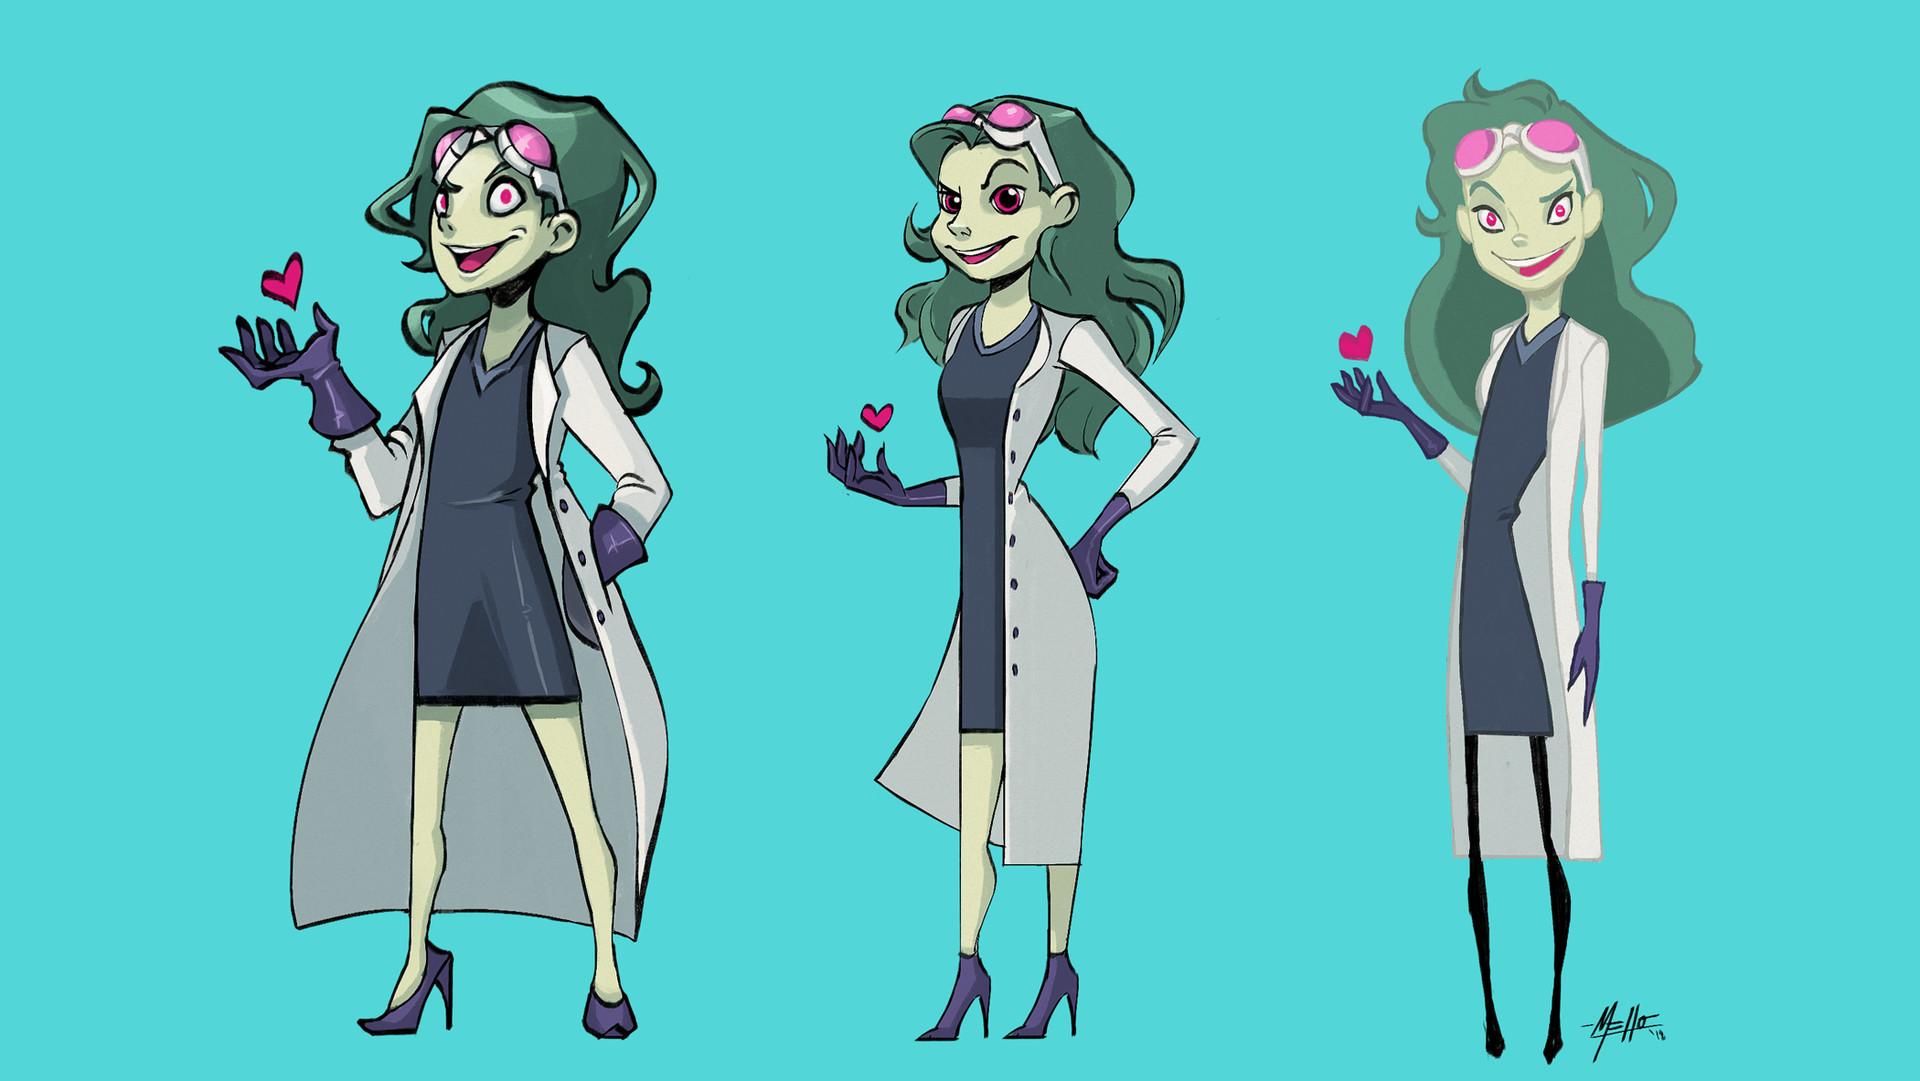 Michelle lo mixi character design 02